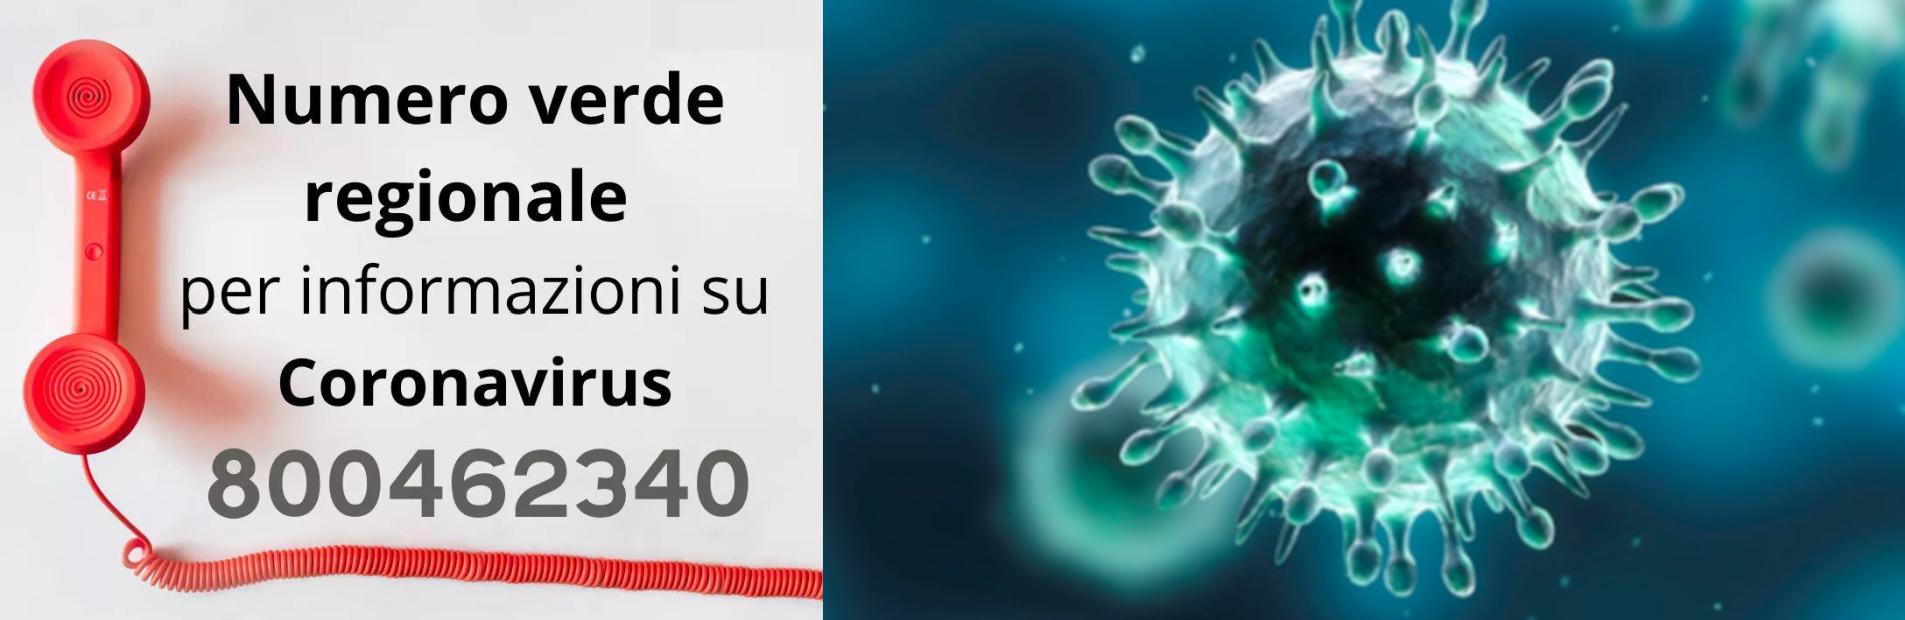 Rientri da Croazia, Spagna, Malta e Grecia: I contatti delle ULSS del Veneto per test ed informazioni